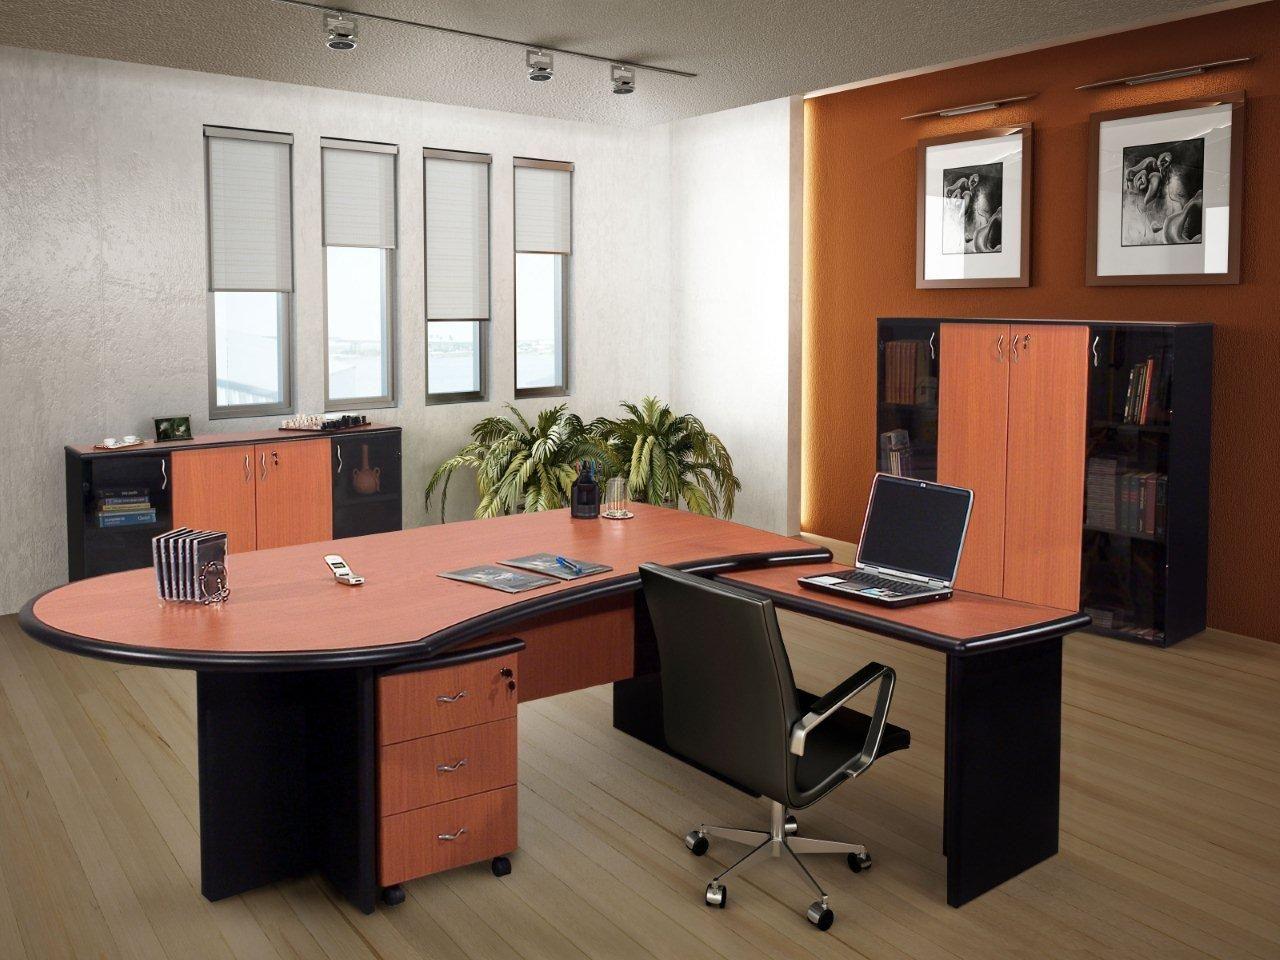 diseo del arte de los muebles de oficinasel mueblediseo del arte de